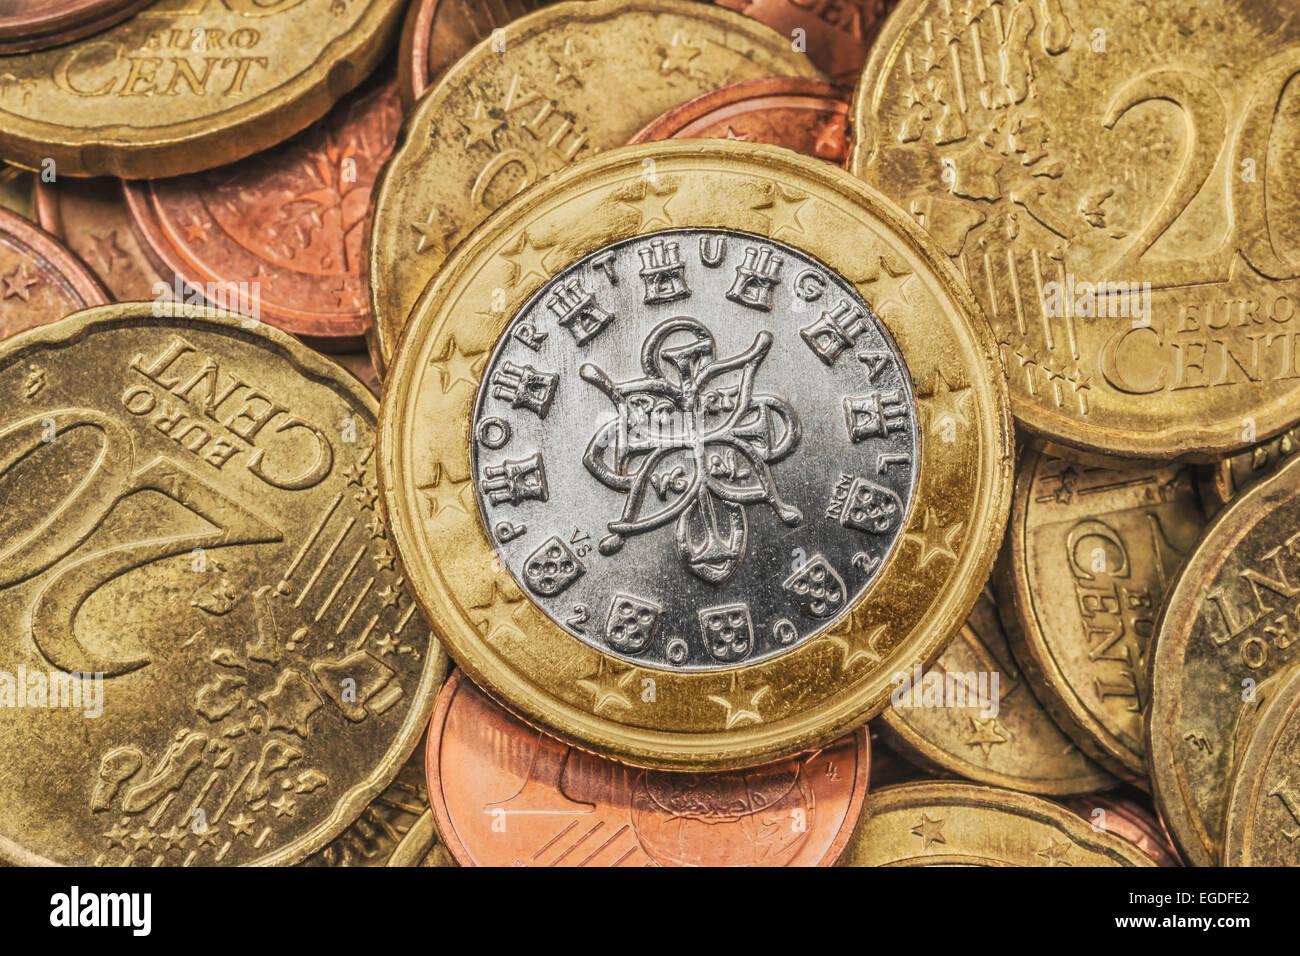 Viele Euro Münzen An Der Spitze Ist Eine 1 Euro Münze Aus Portugal